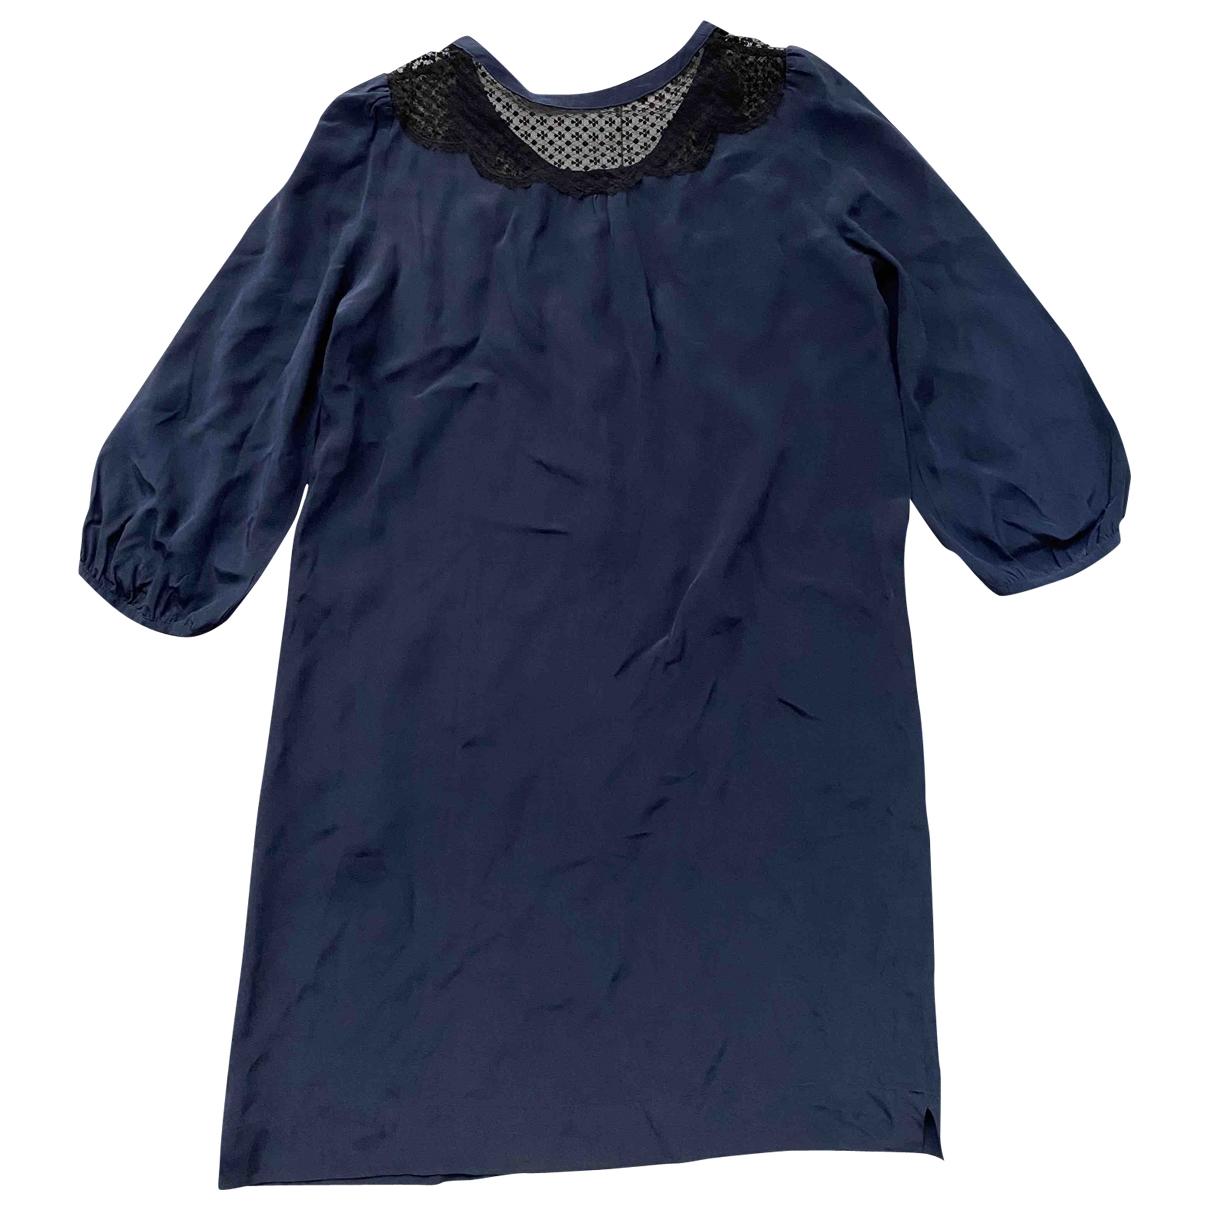 Pablo - Robe   pour femme en soie - marine